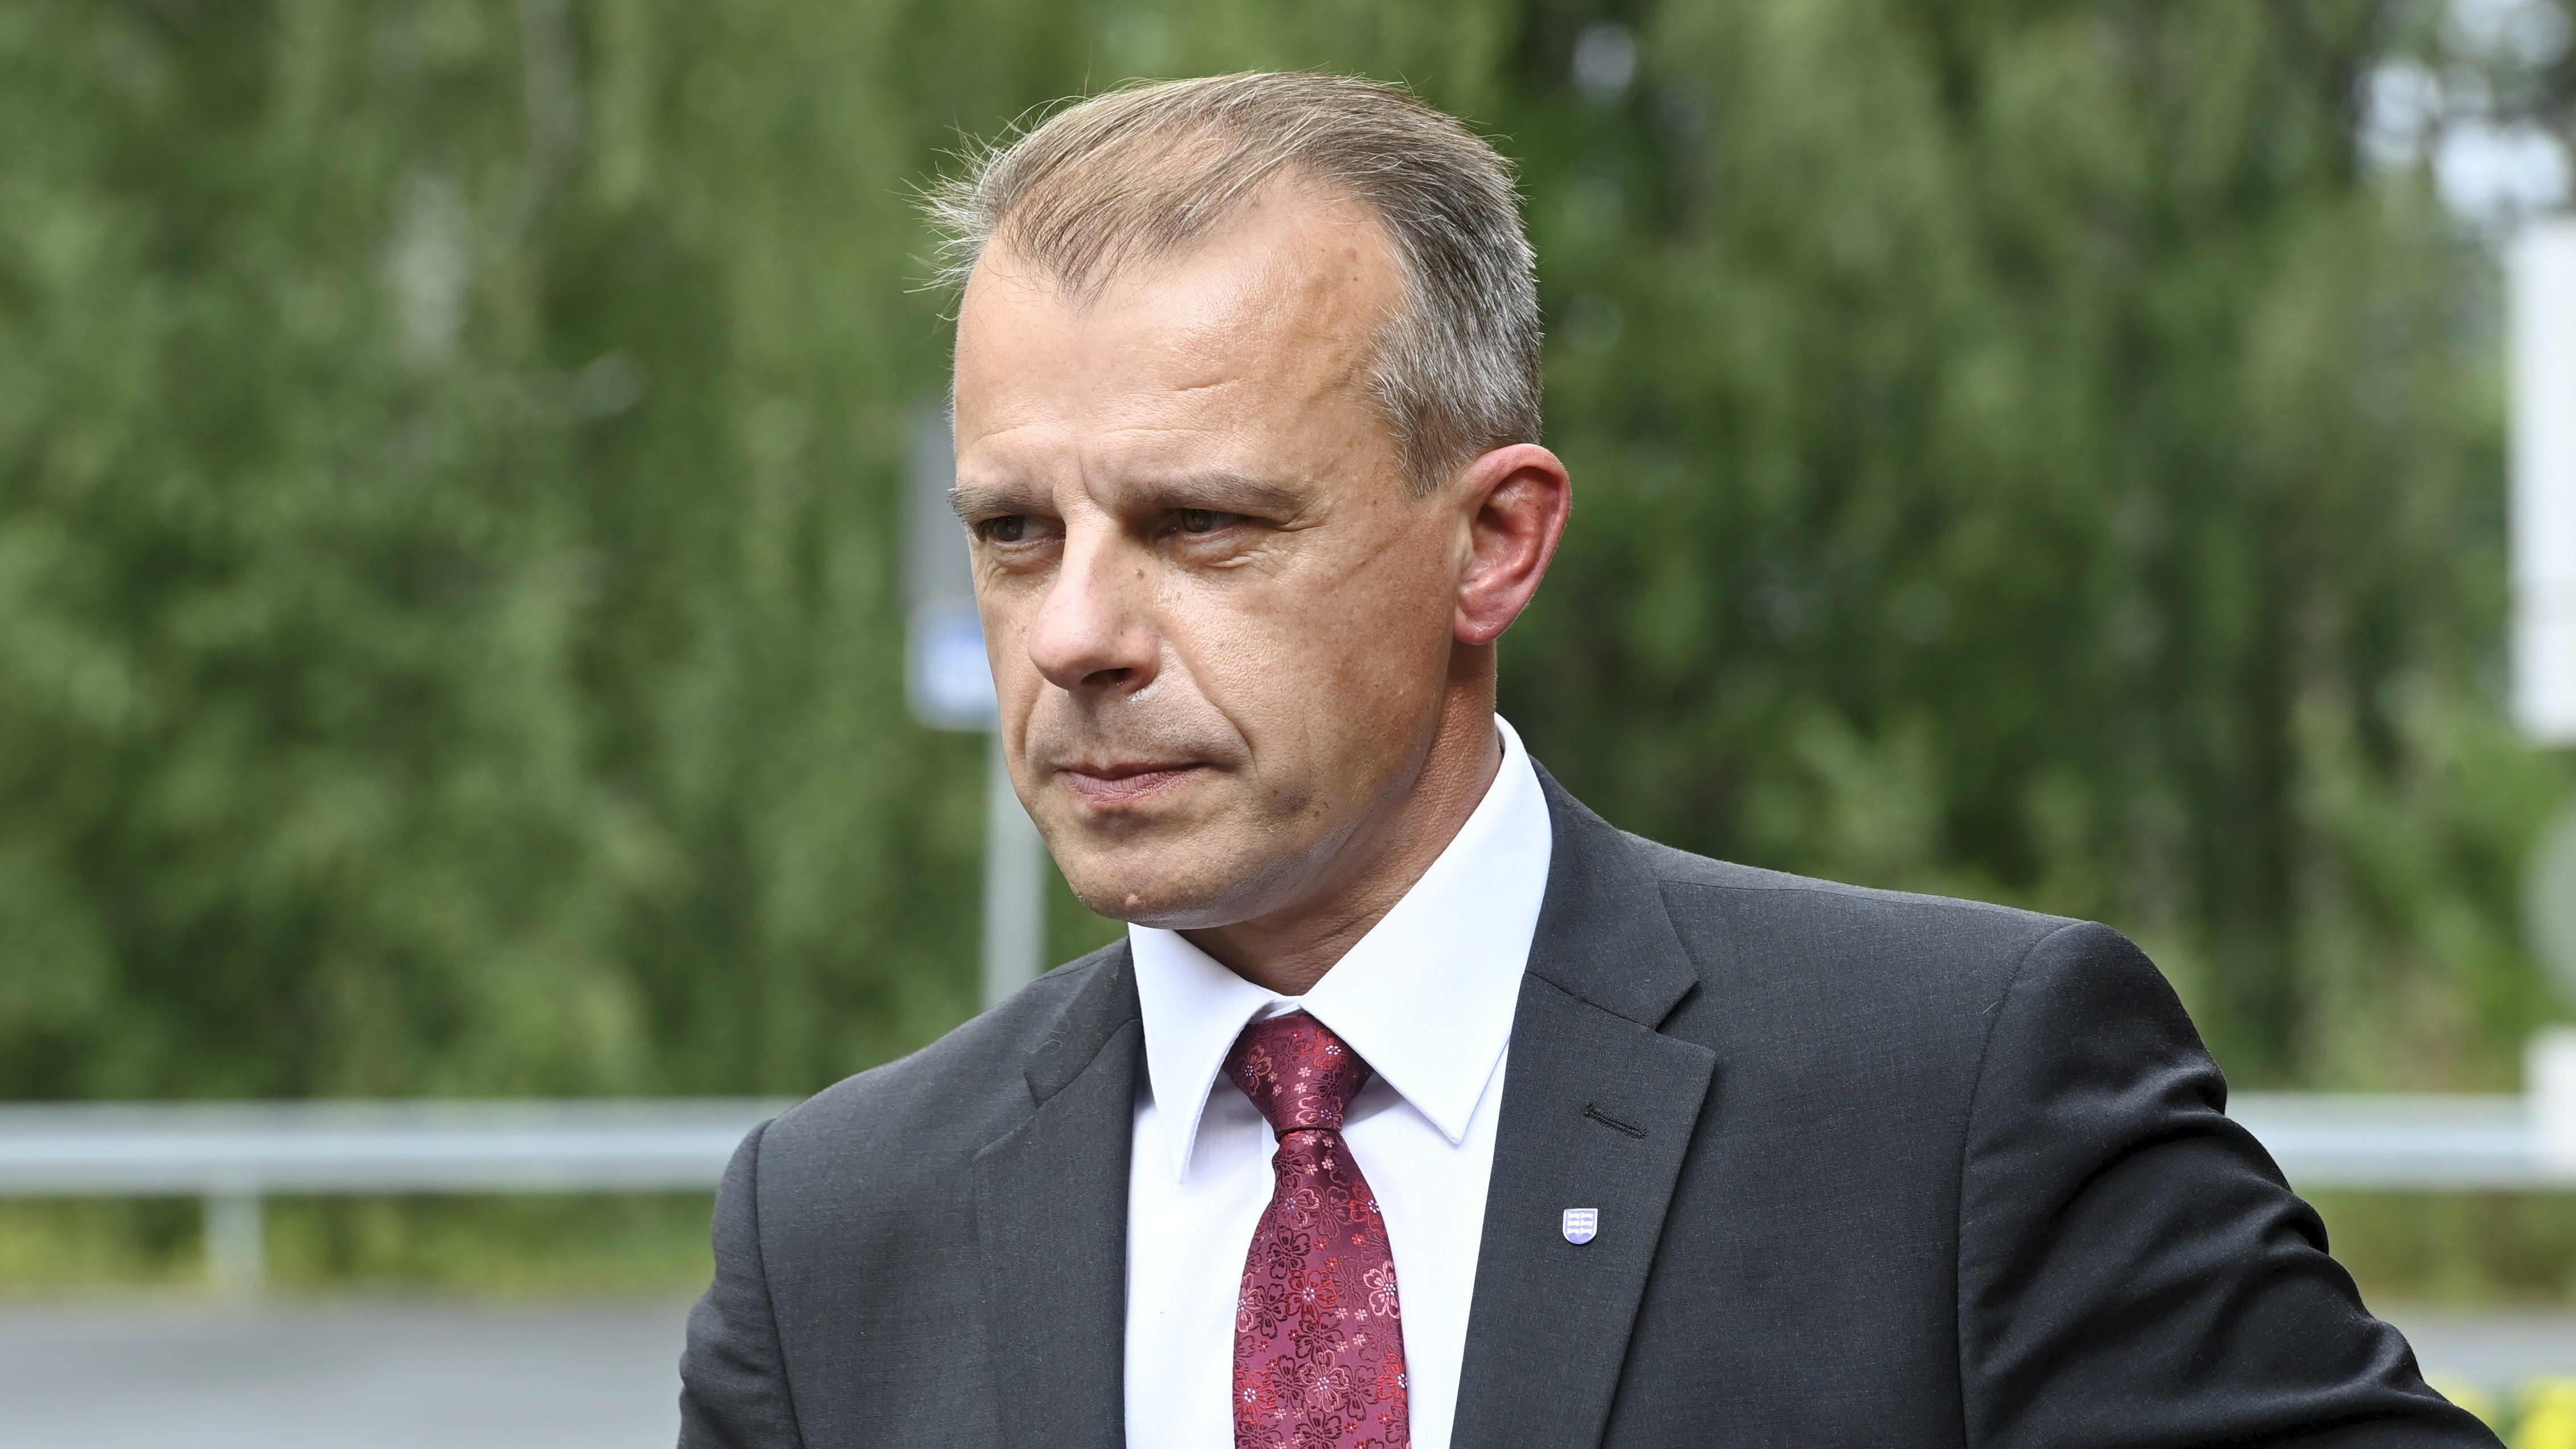 Keskustan eduskuntaryhmän puheenjohtaja Juha Pylväs keskustan eduskuntaryhmän kesäkokouksessa Seinäjoella 25. elokuuta 2021.